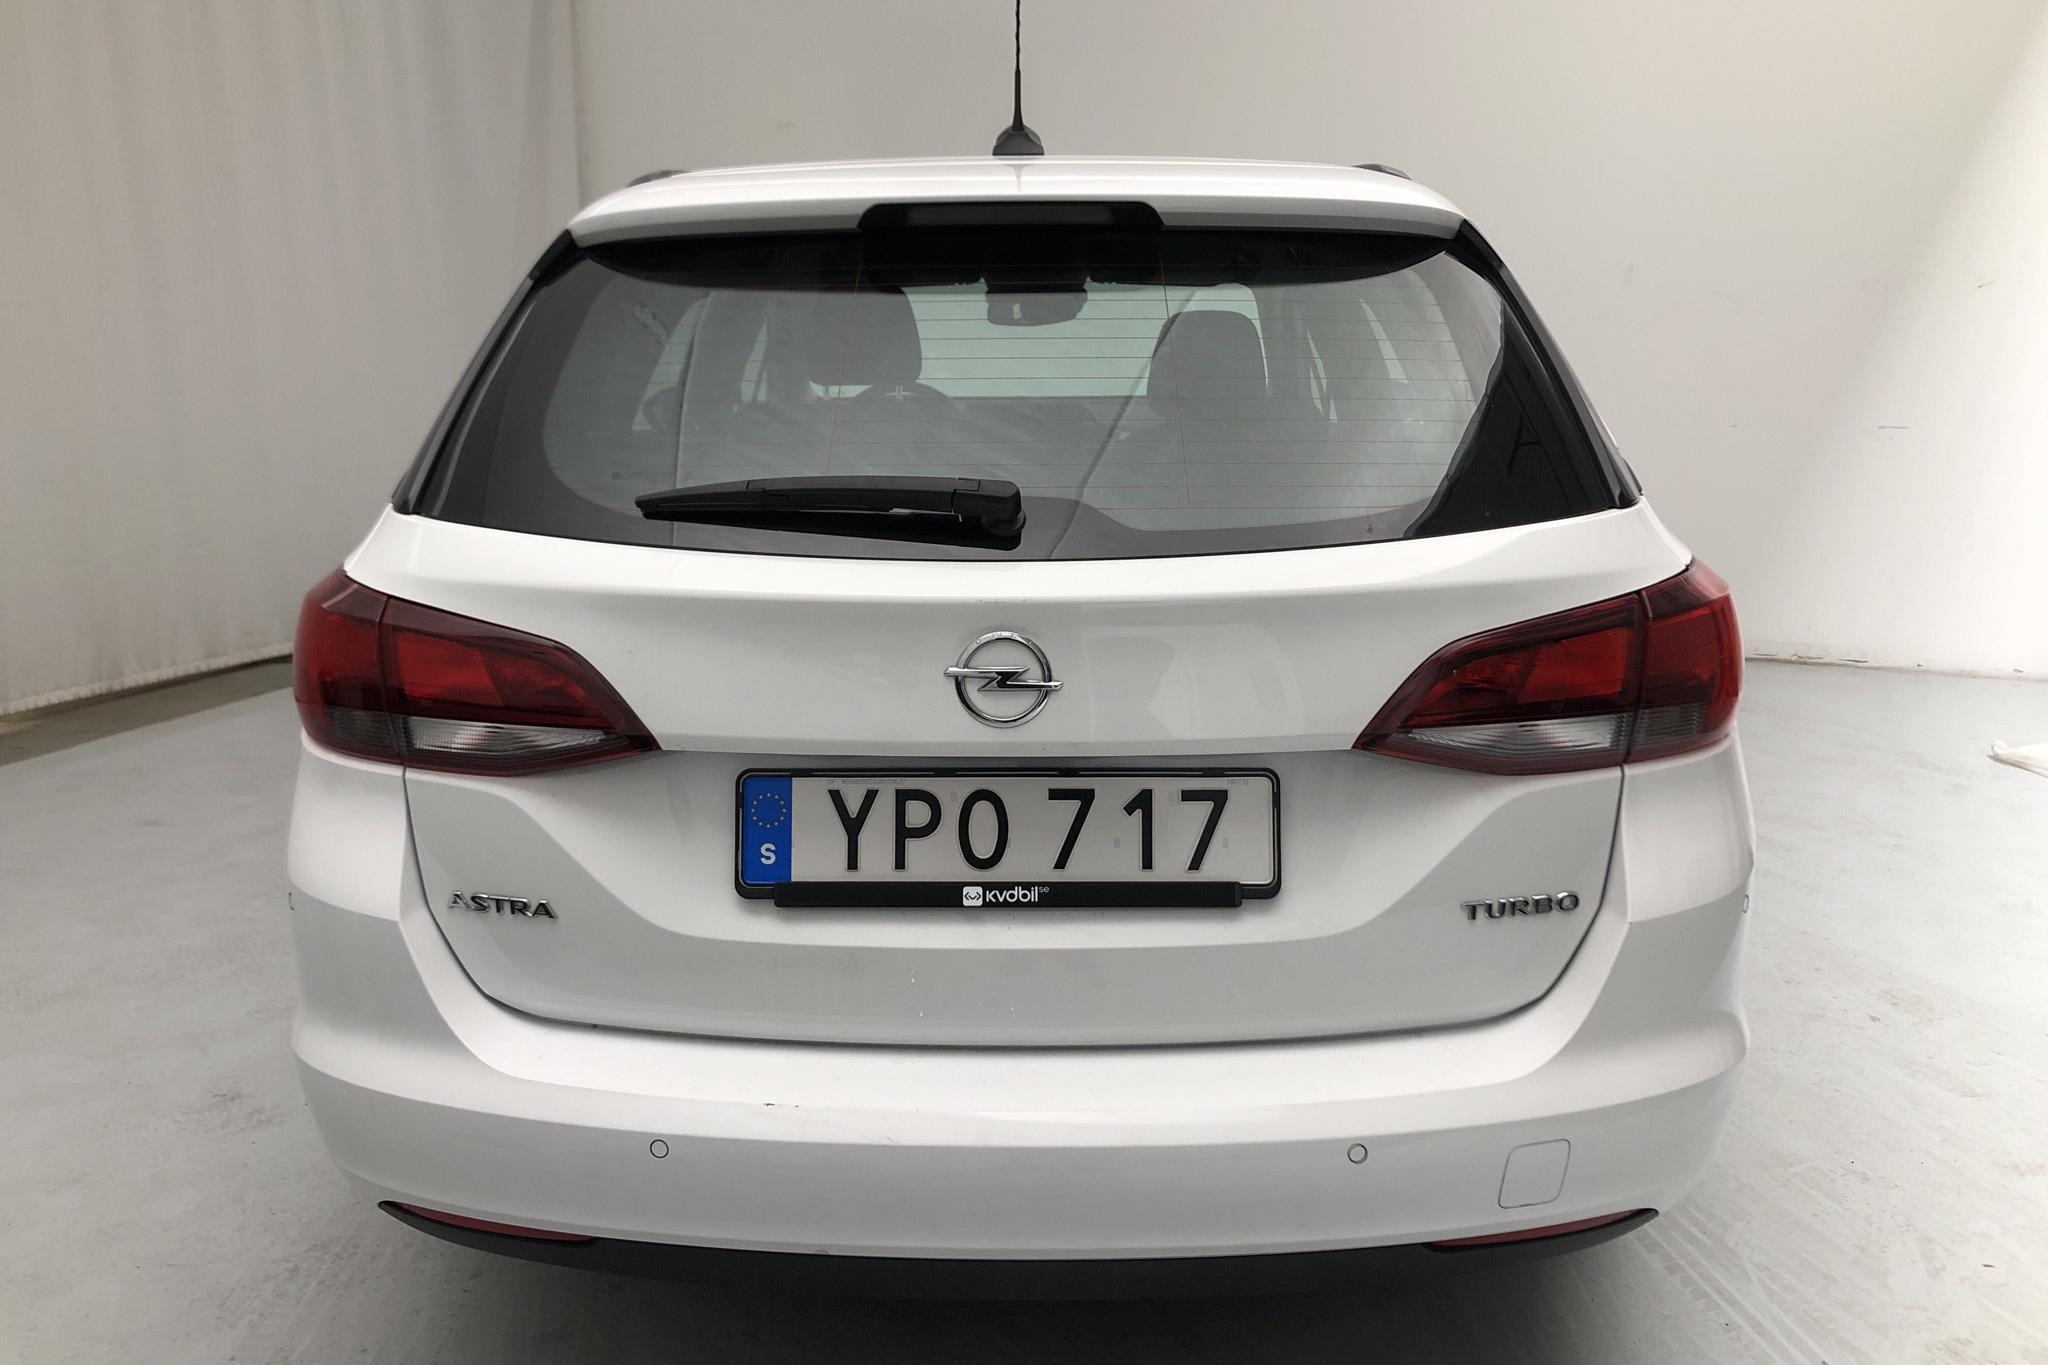 Opel Astra 1.4 Turbo ECOTEC SportsTourer (150hk) - 5 217 mil - Automat - vit - 2018